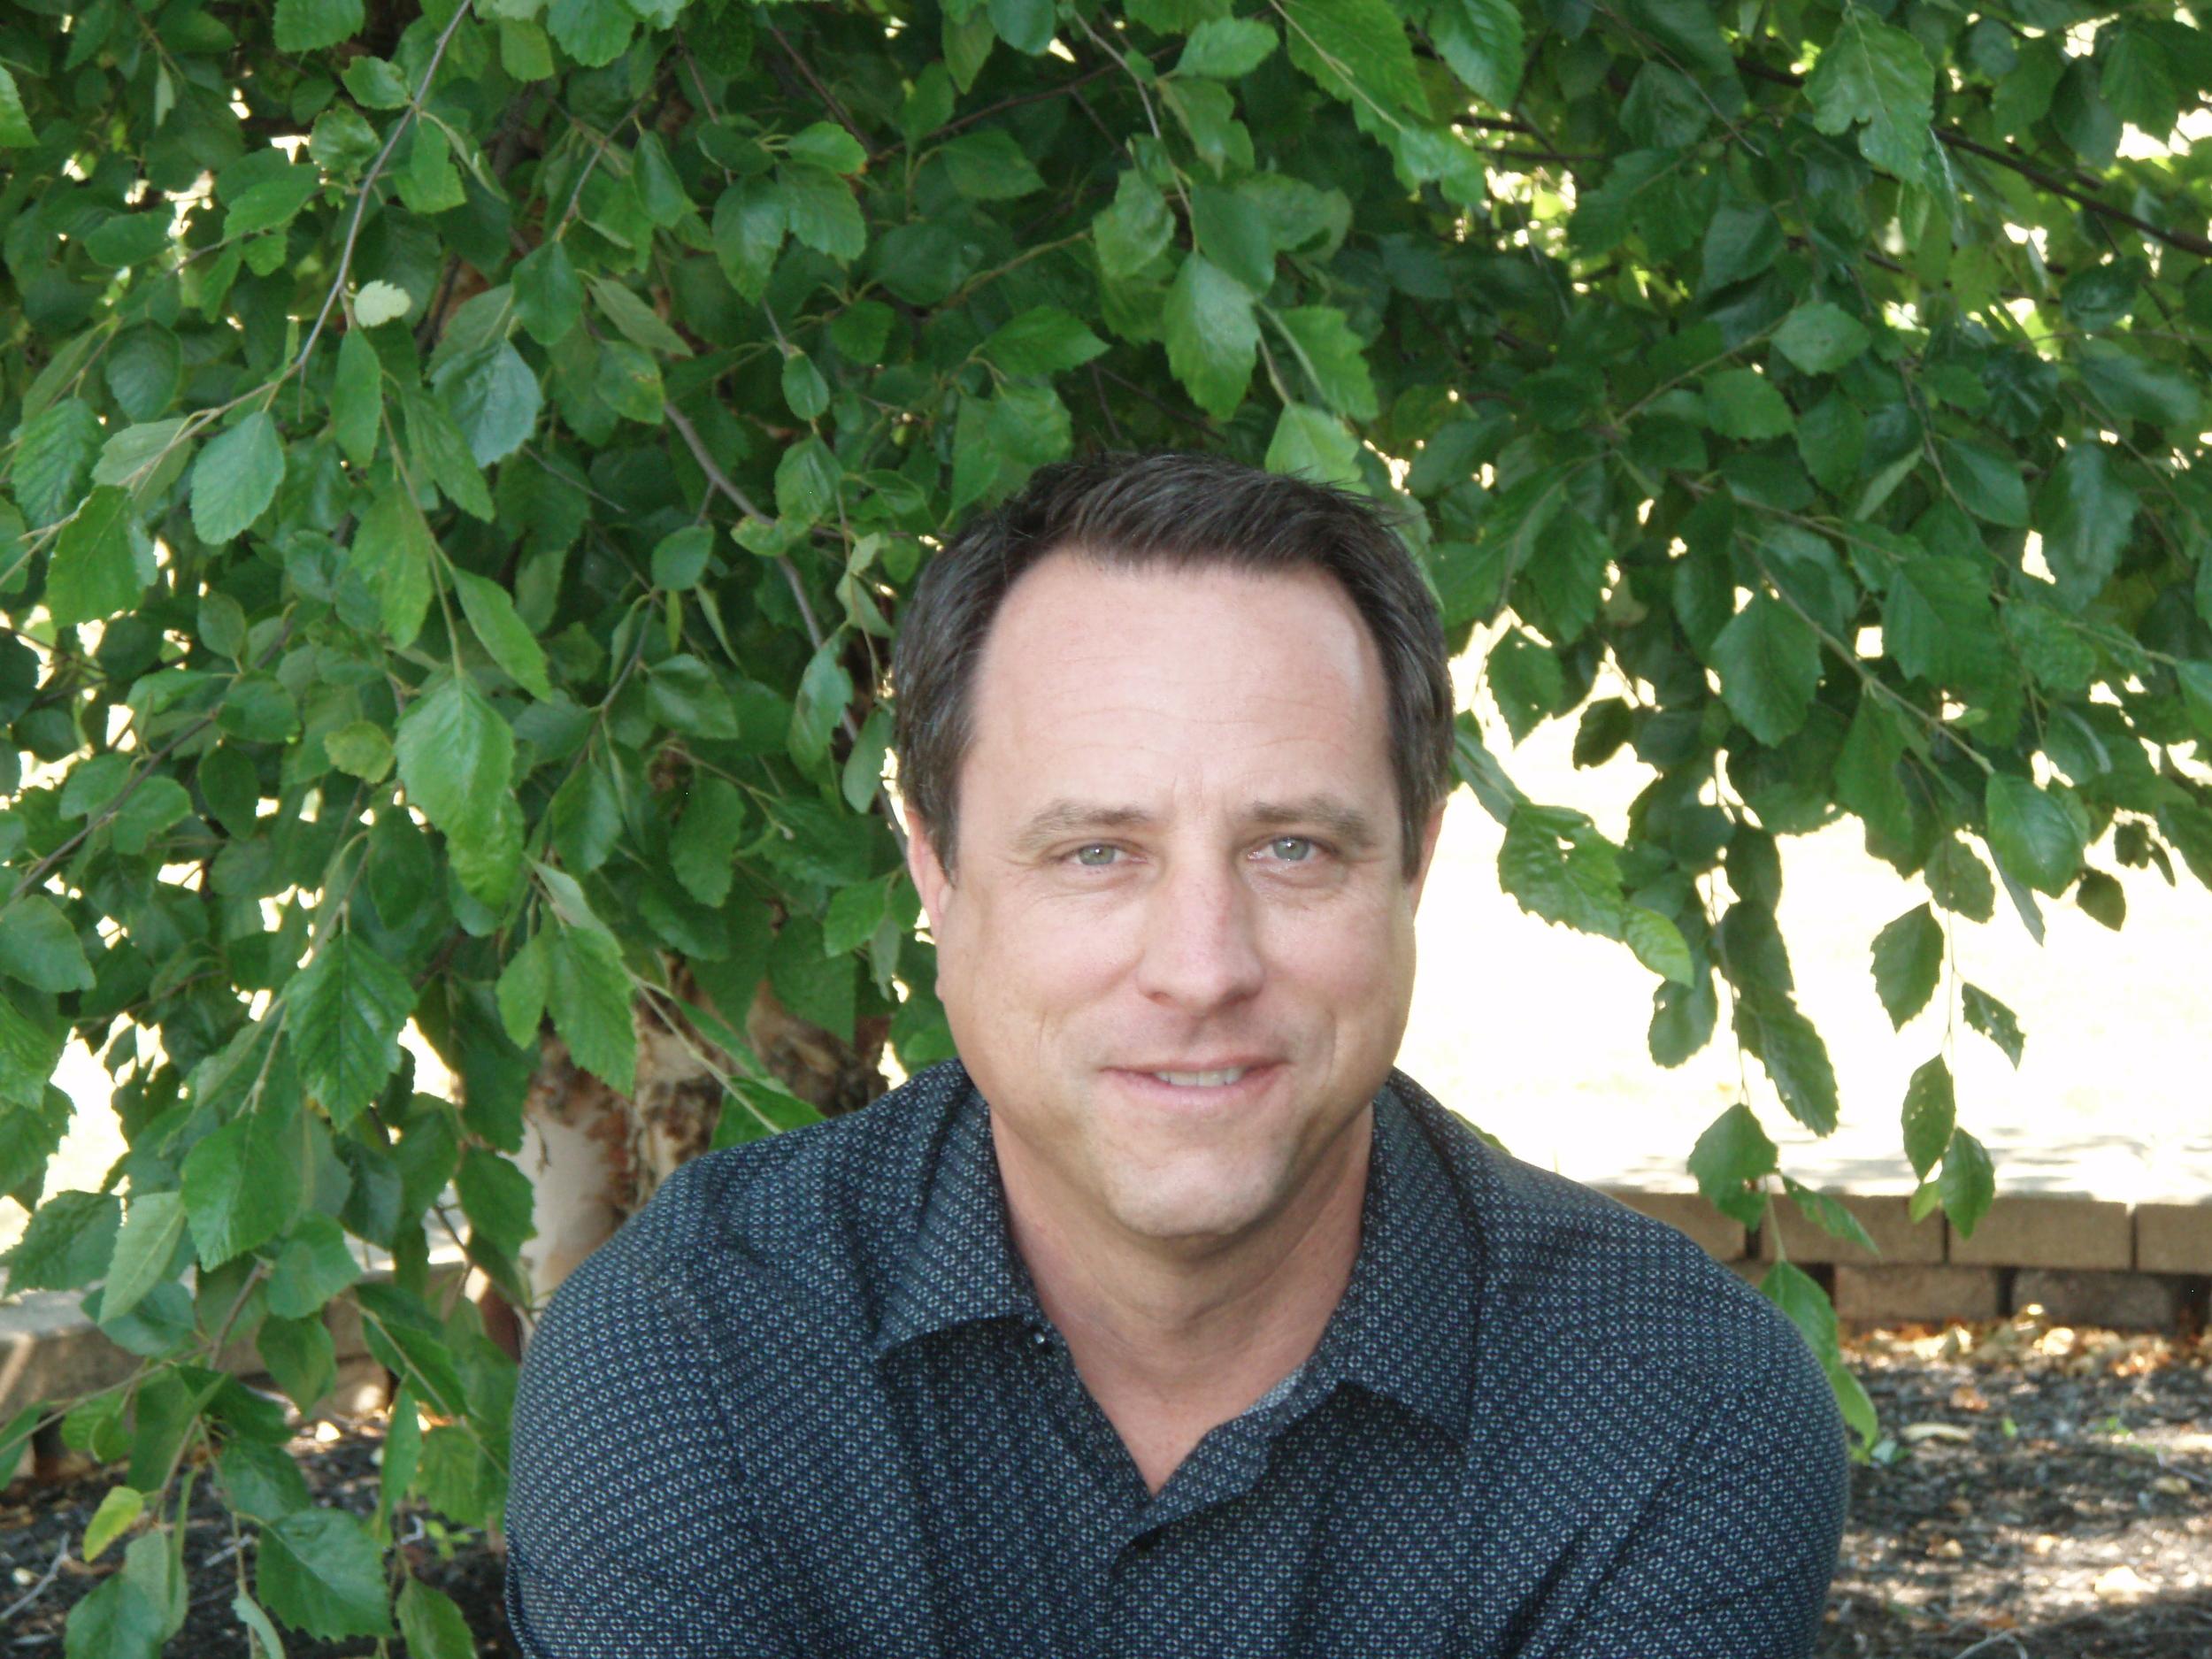 Steve Rak